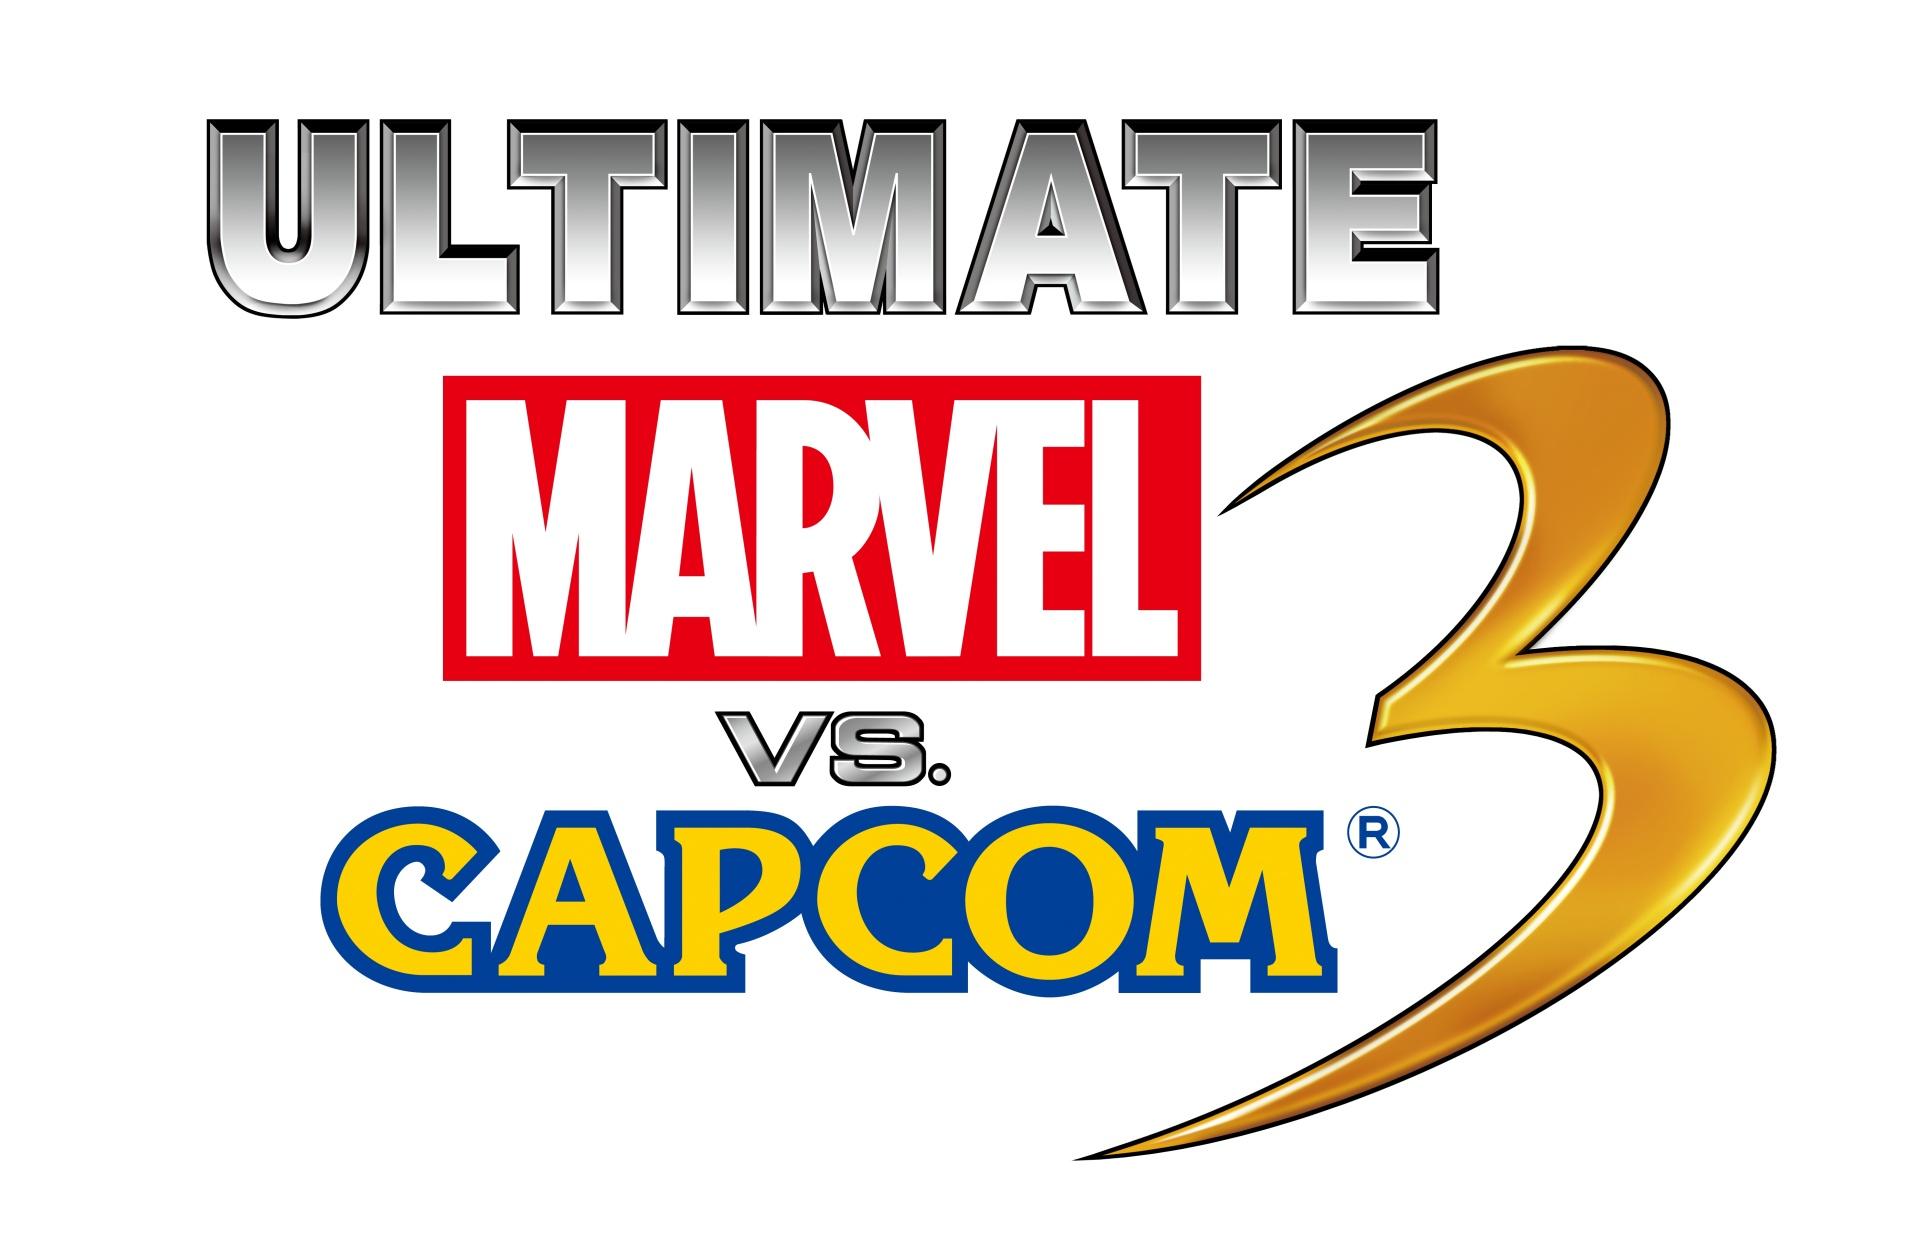 [UMVC3] Changelog officiel des persos Capcom